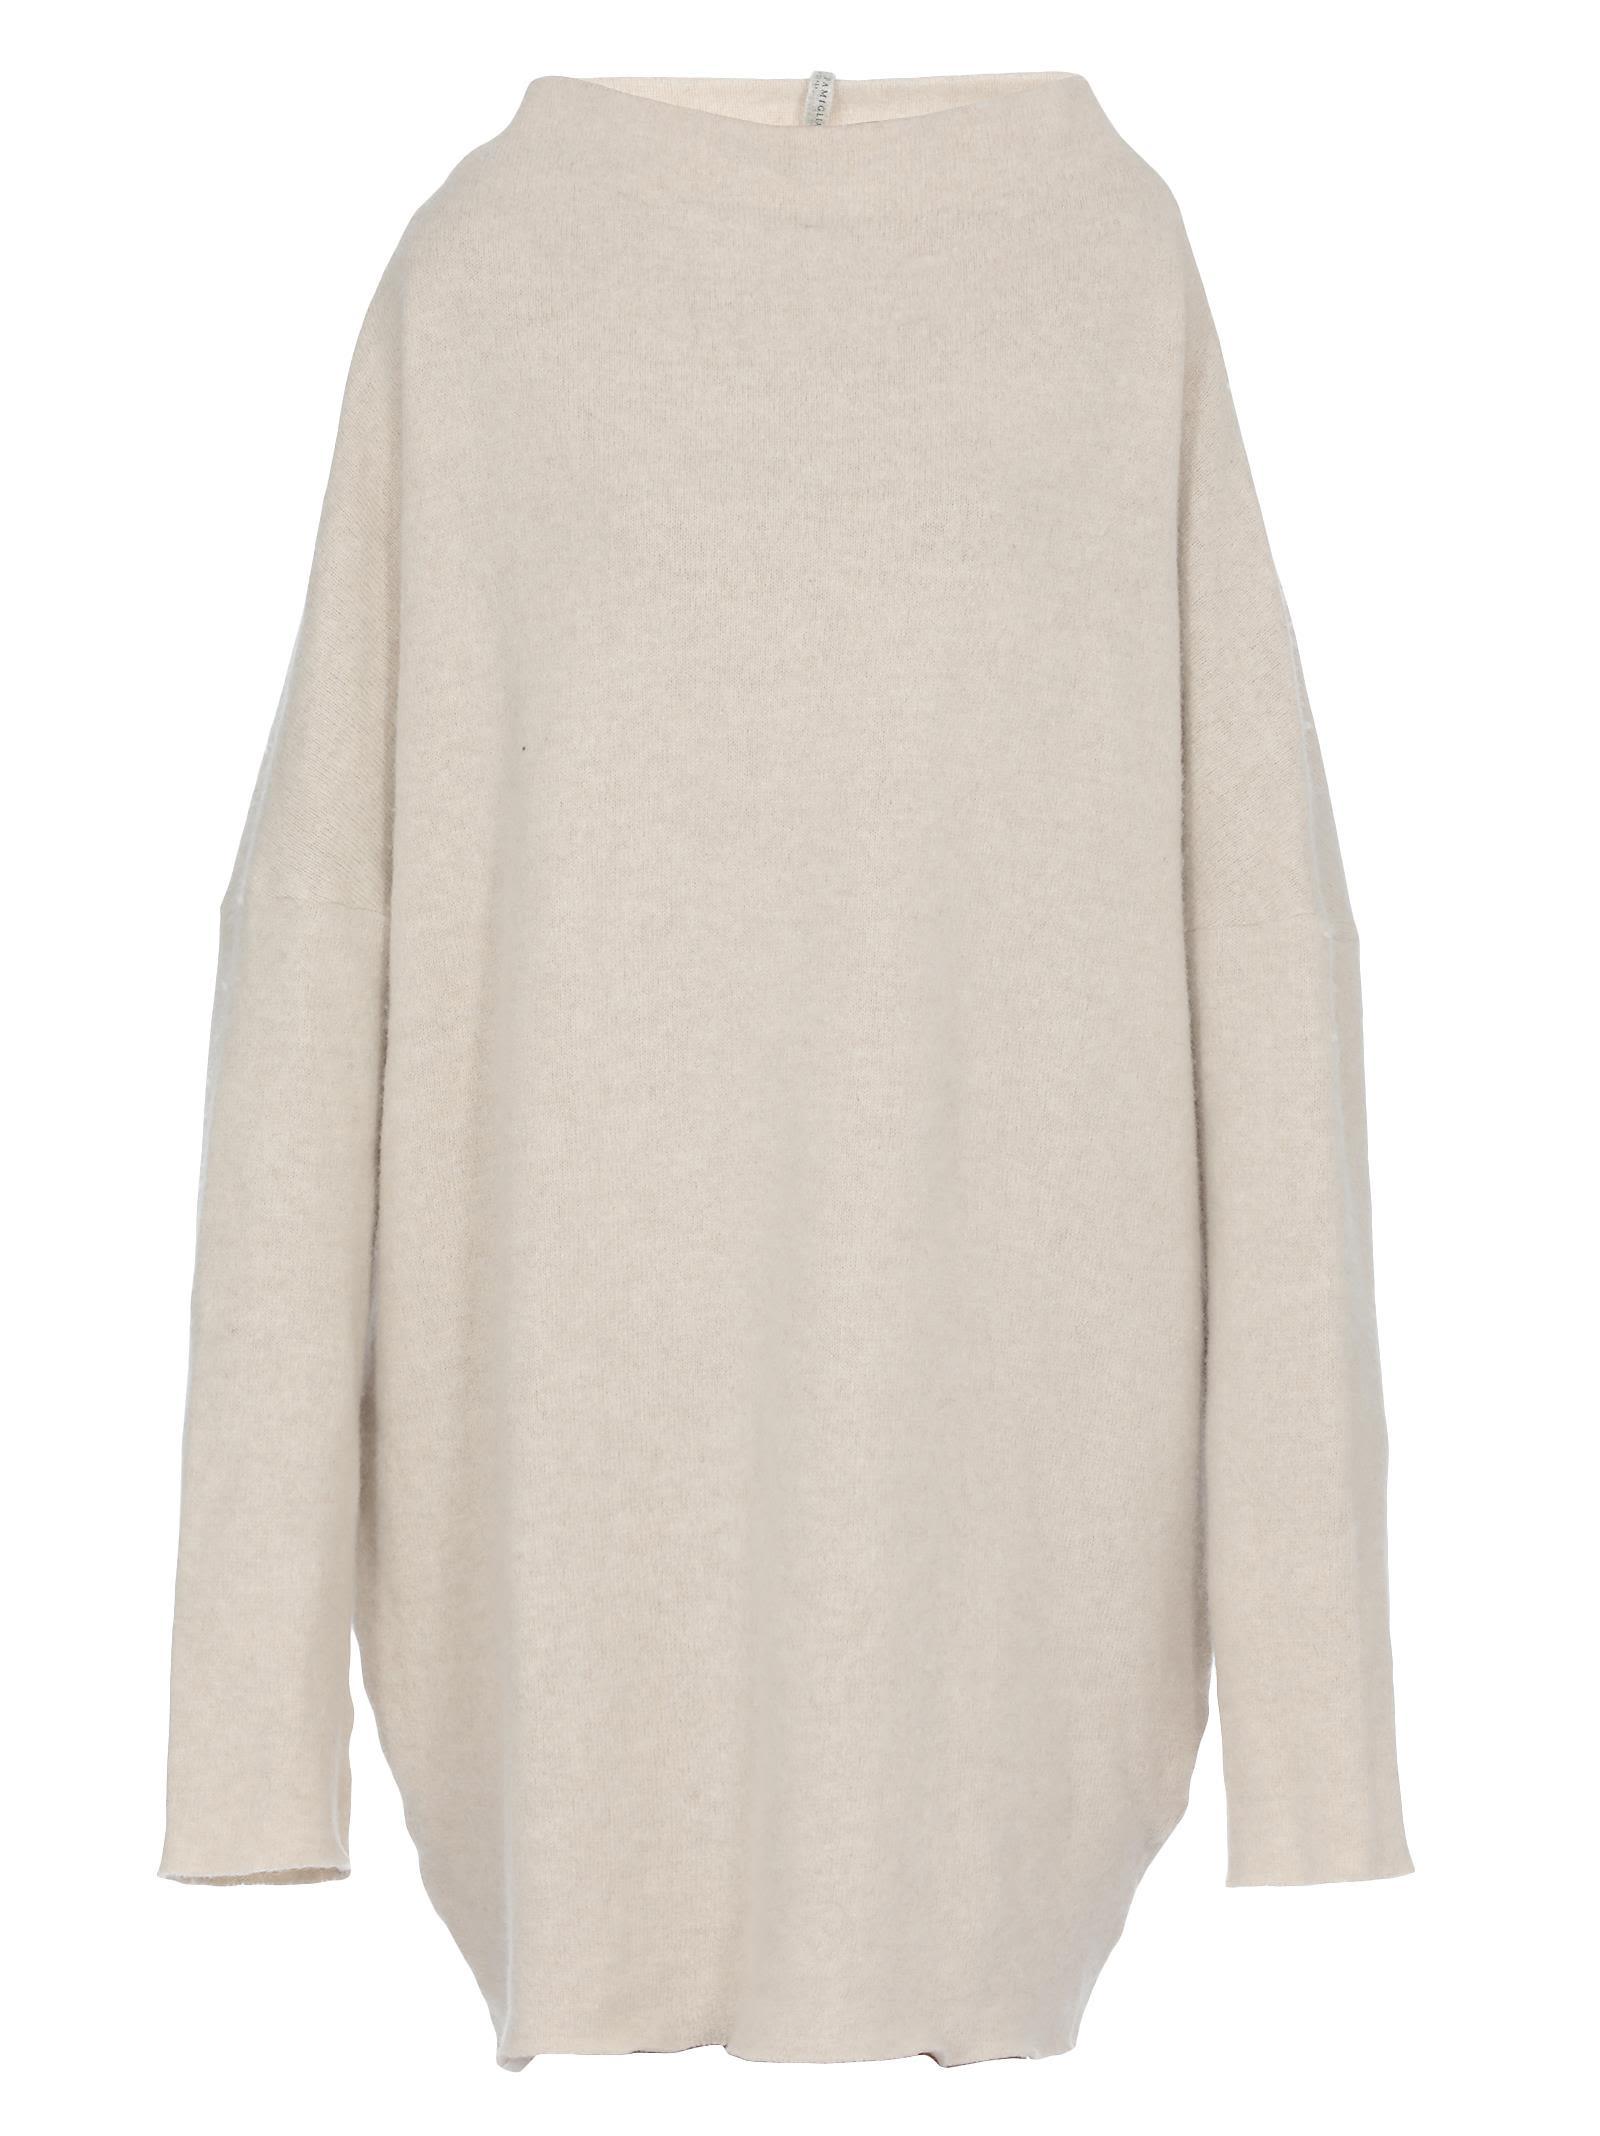 ALBUM DI FAMIGLIA Woo Sweater in Off White